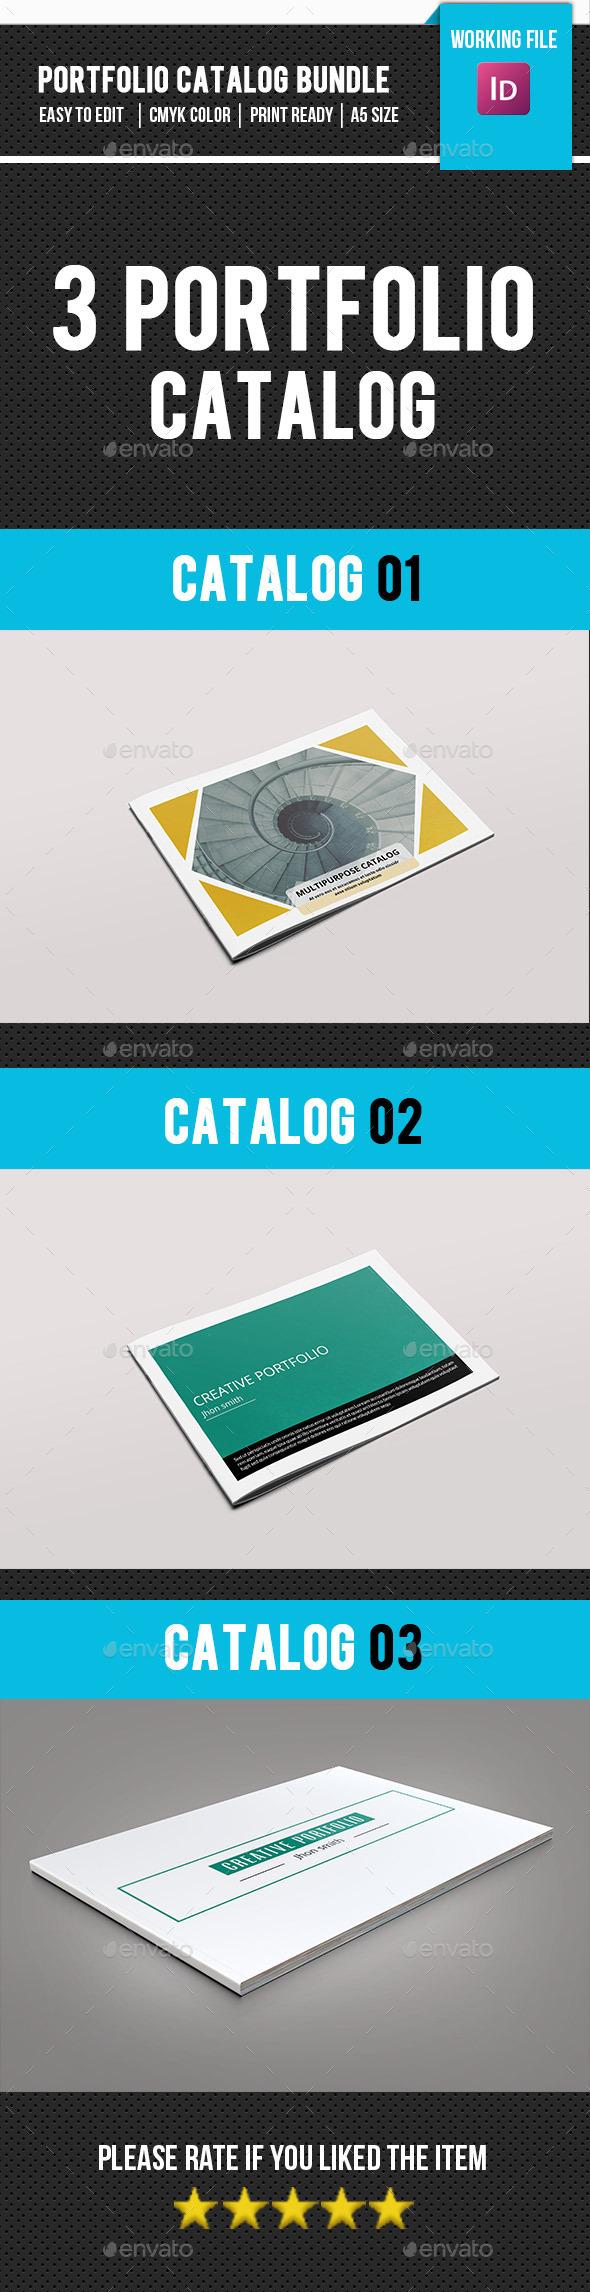 3 In 1 Portfolio Catalog/Brochure-V15 - Catalogs Brochures